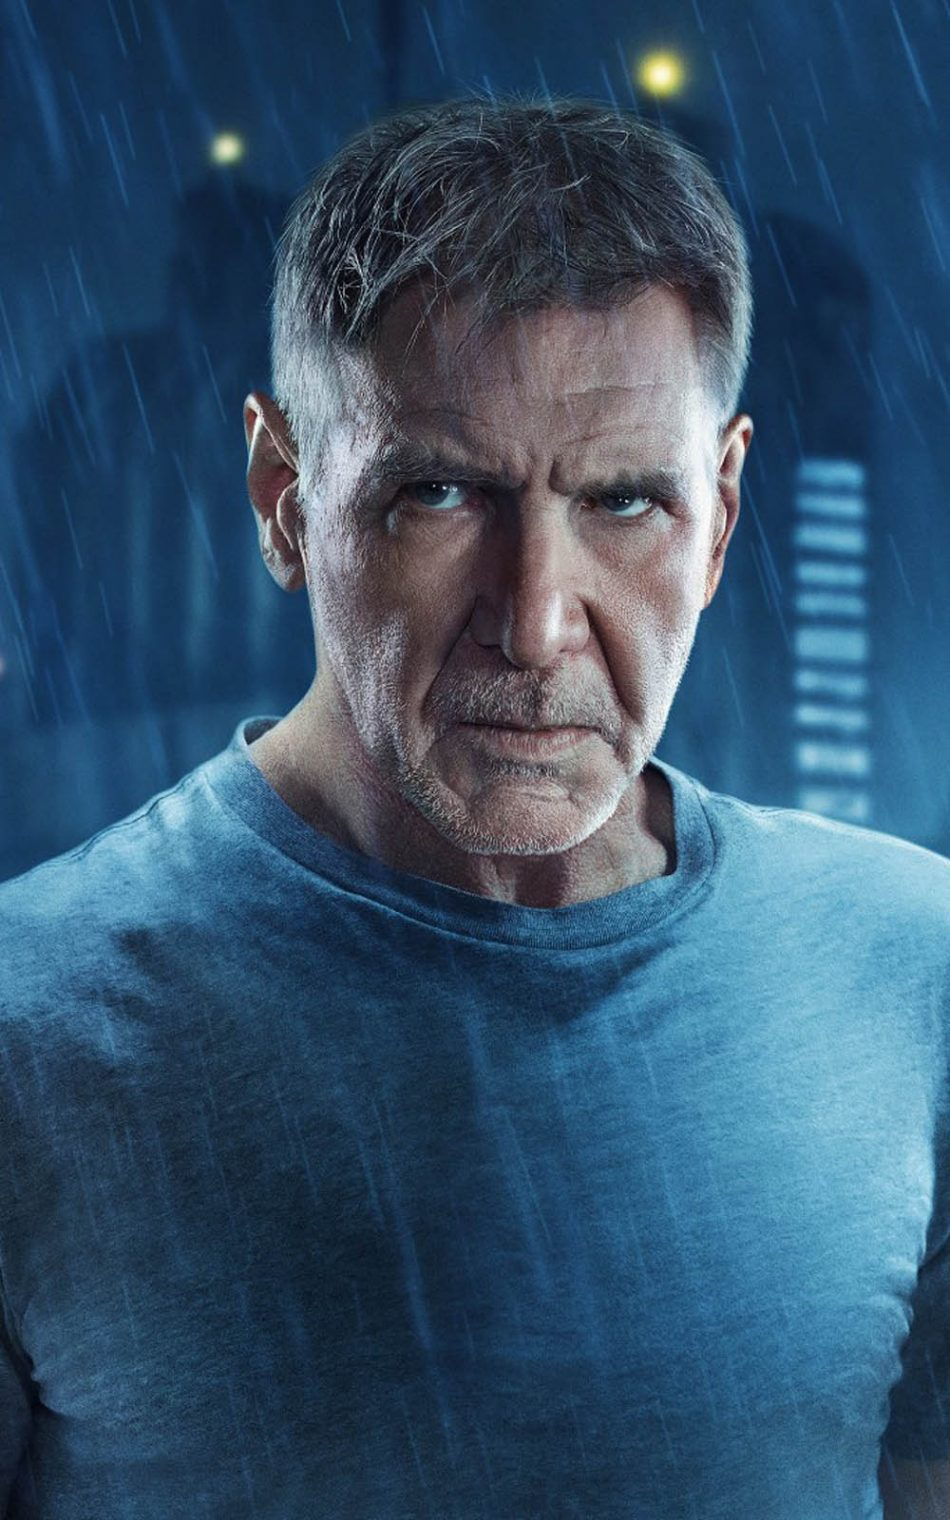 Harrison Ford In Blade Runner 2049 HD Mobile Wallpaper